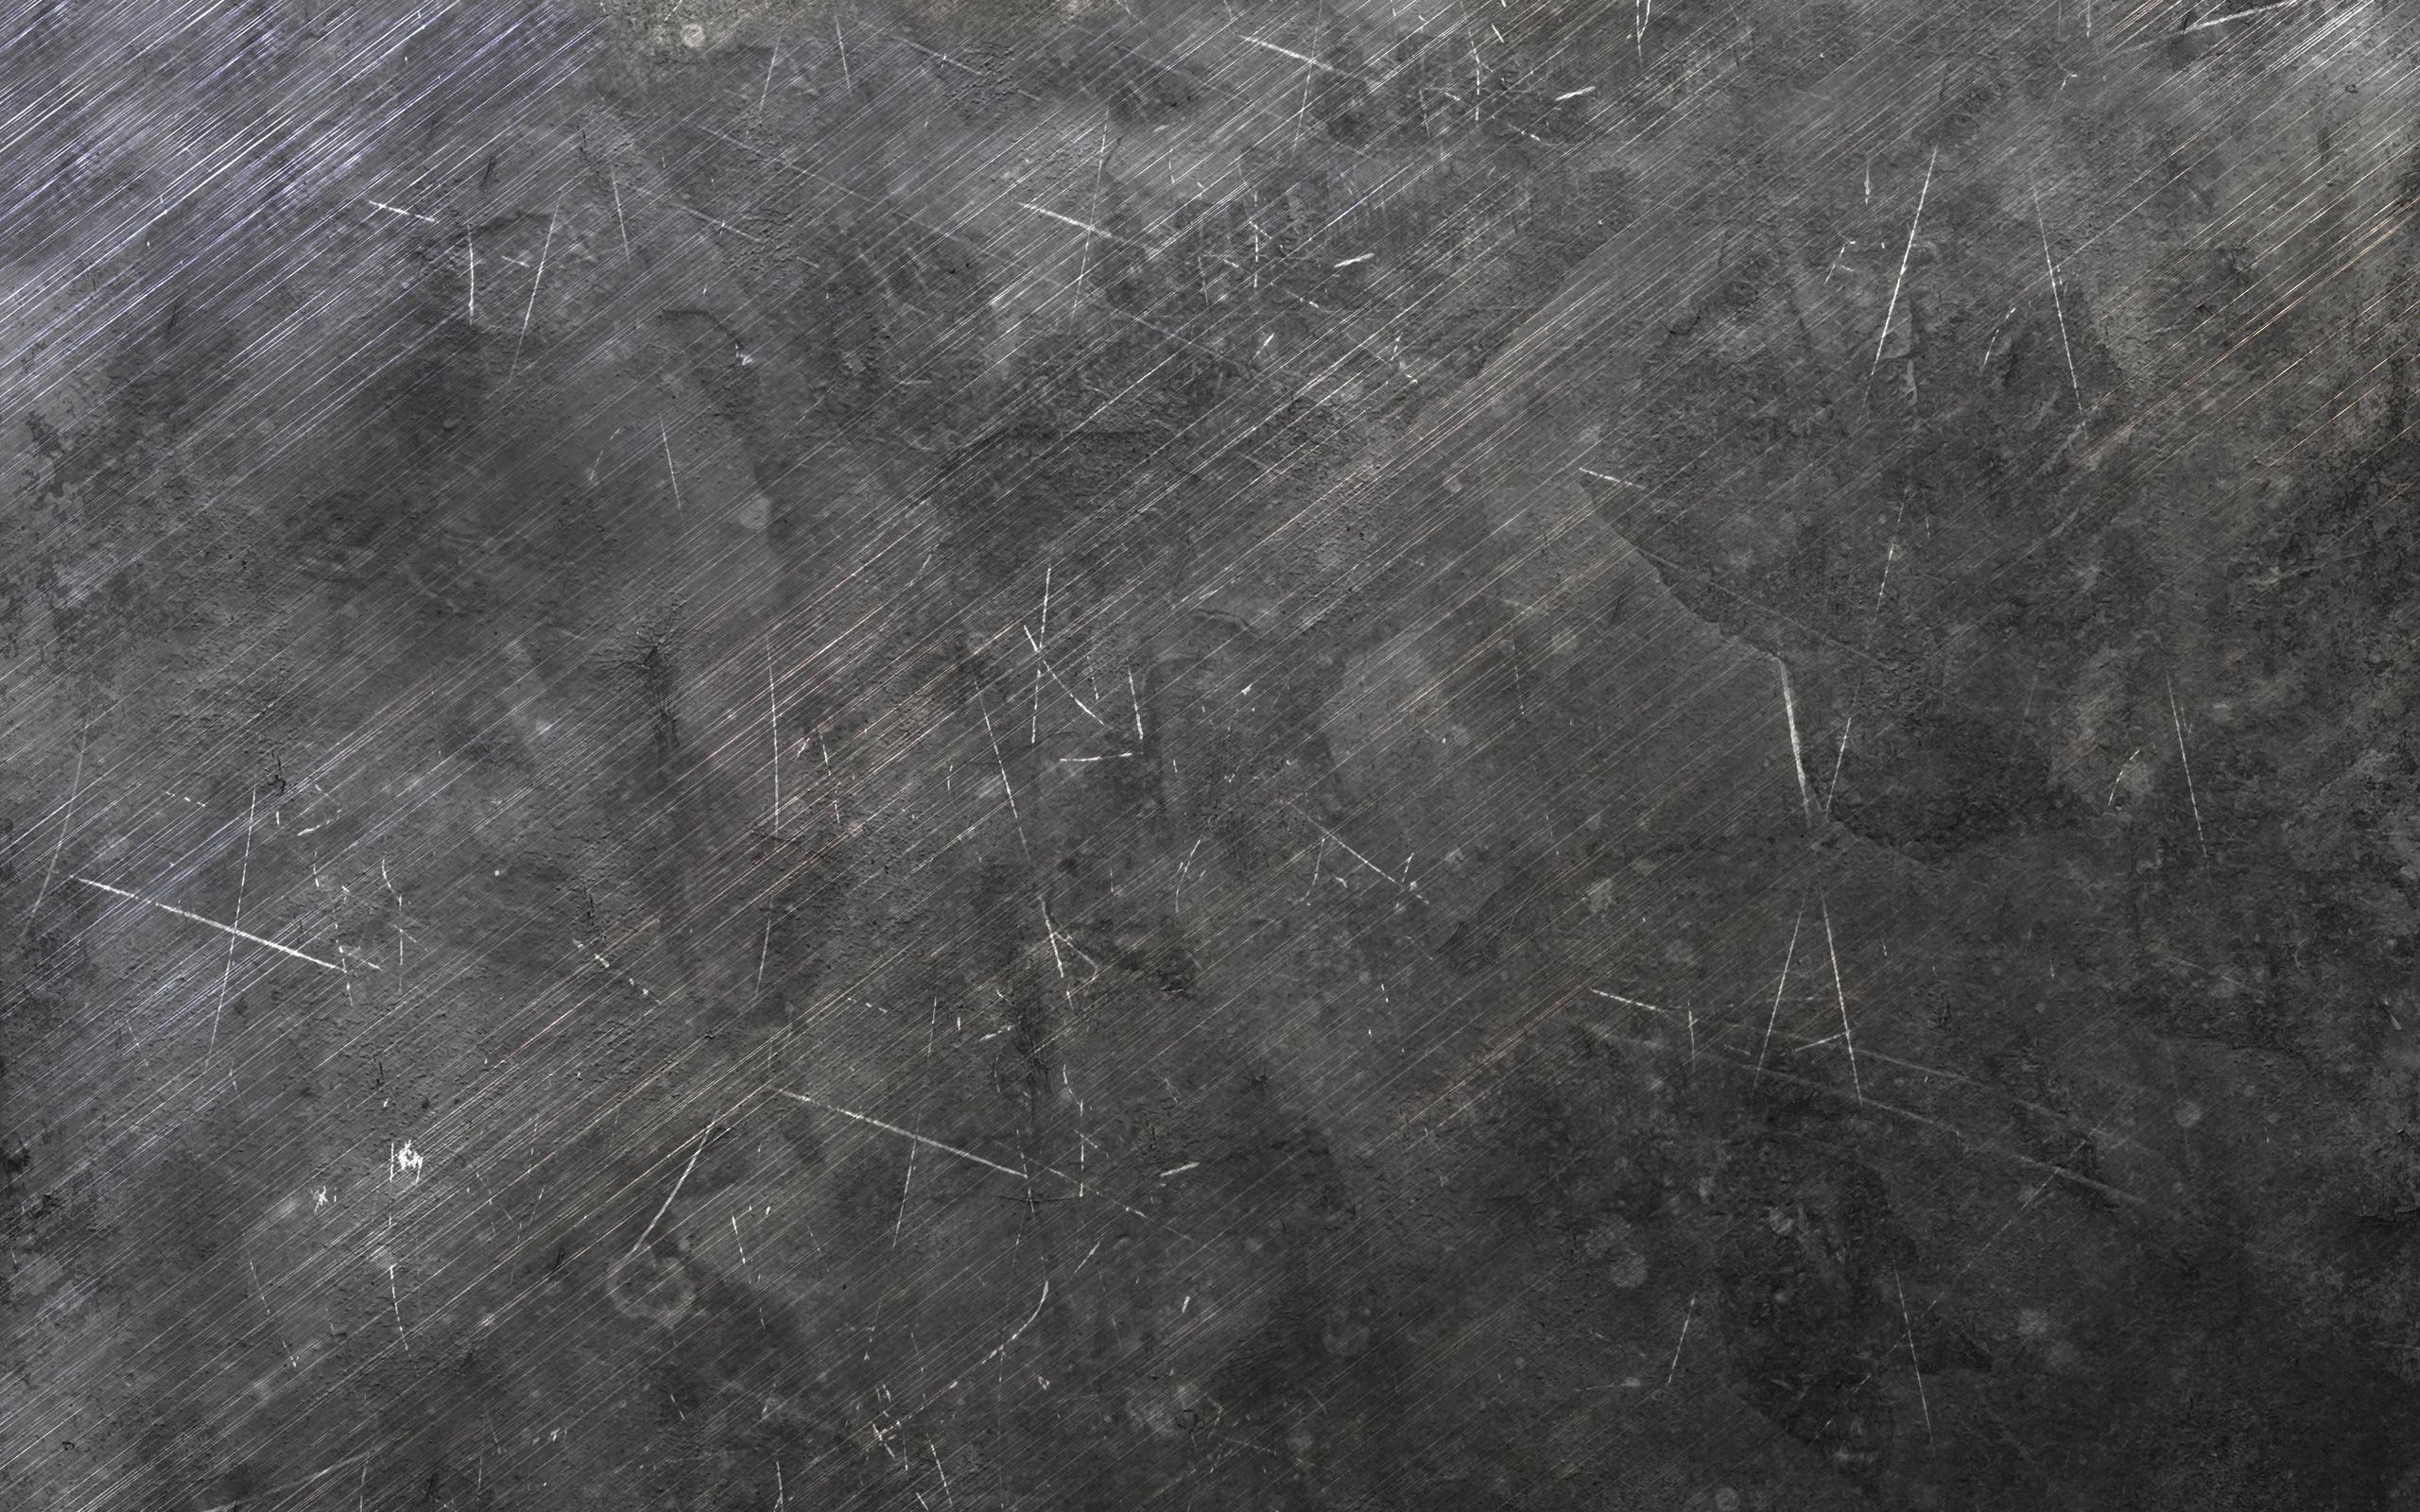 Download wallpaper 2560x1600 grunge, surface, dark, scratches hd ...